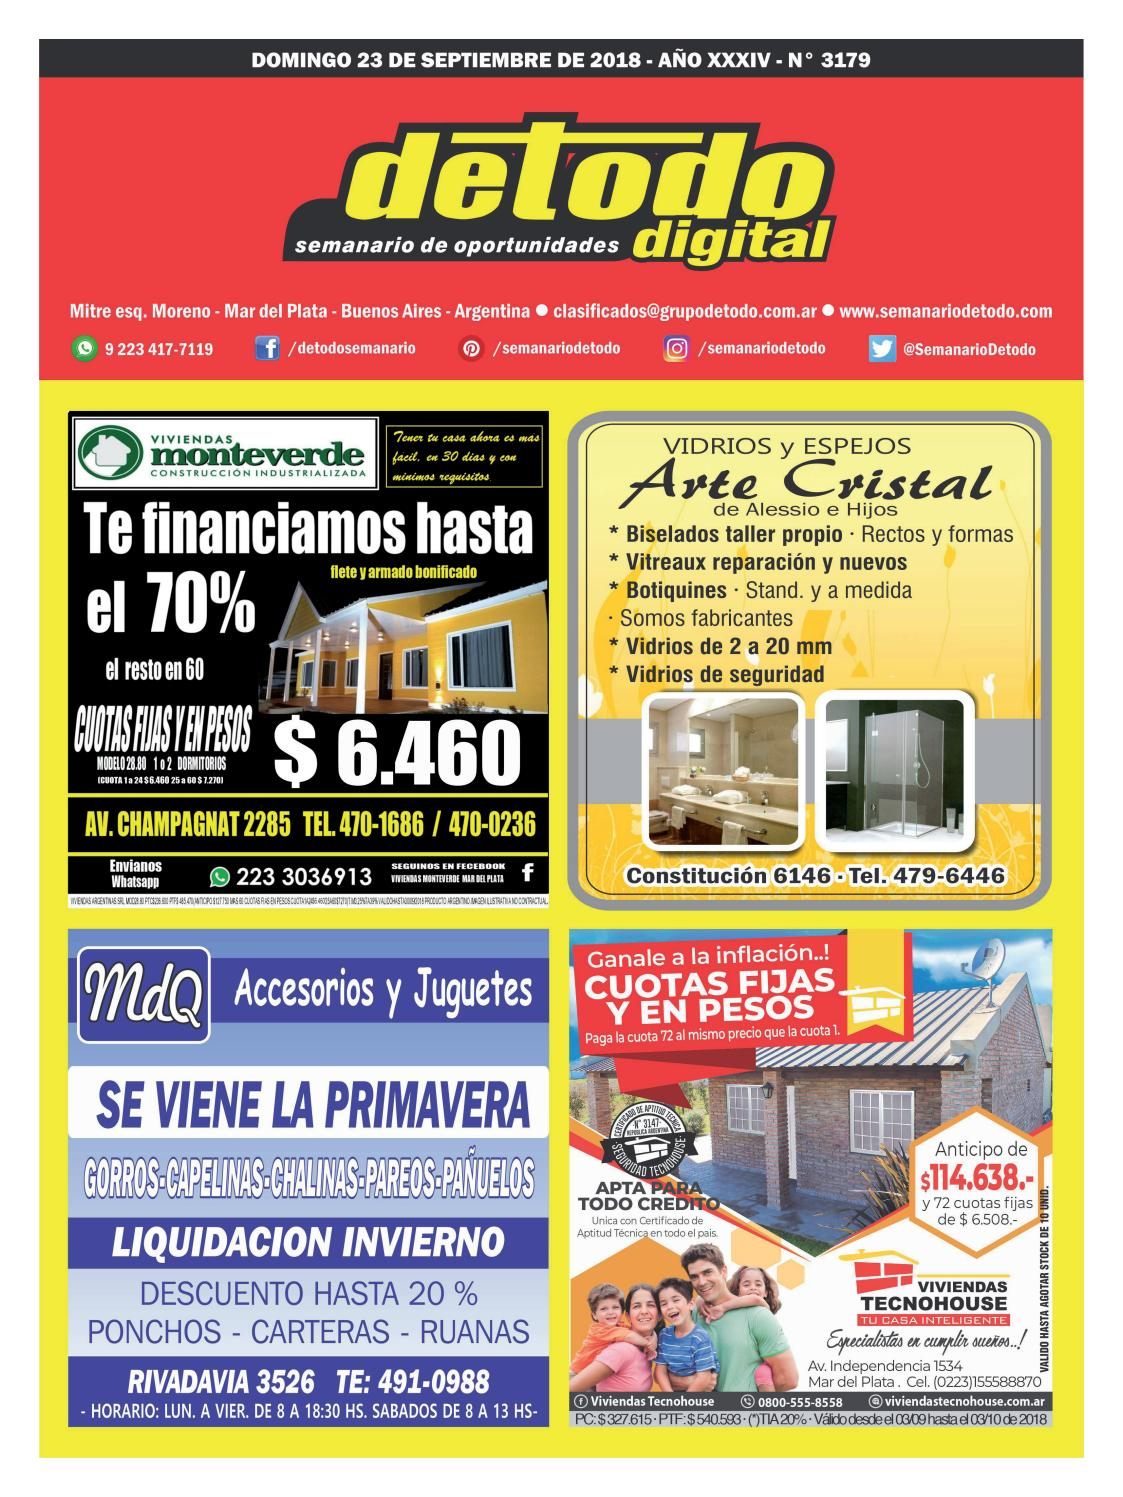 279e90335a5f Semanario Detodo - Edición N° 3179 - 23 09 2018 by Semanario Detodo - issuu